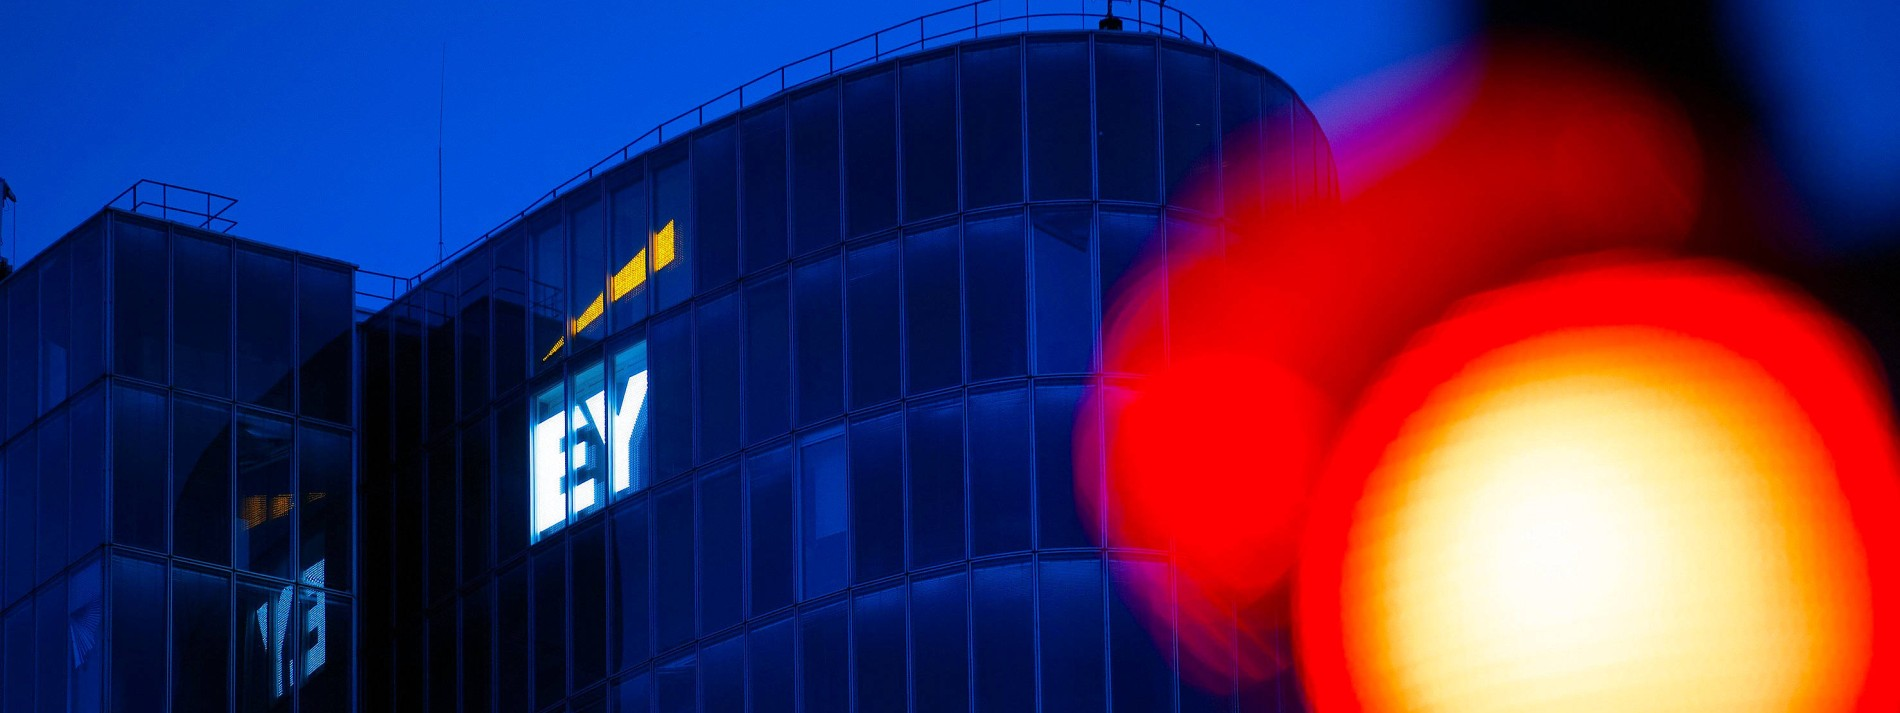 Anlegerschützer bauen Drohszenario auf – und drängen EY auf Einigung